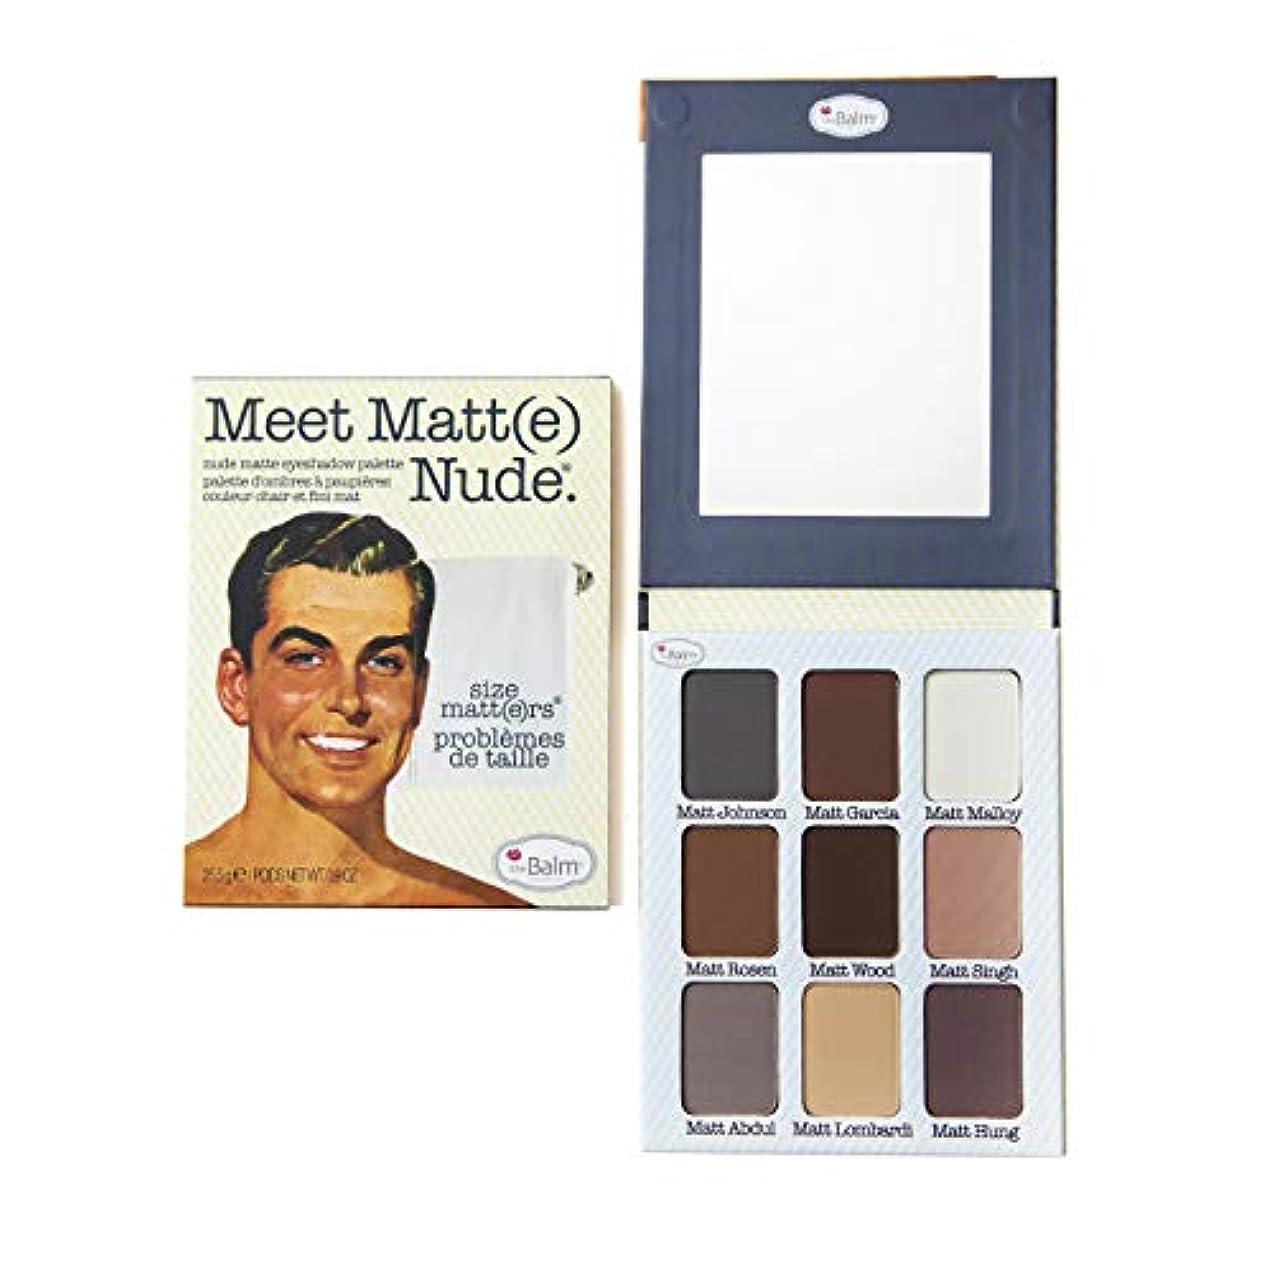 クレア愛する最大The Balm(ザバーム) Meet Matte Nude - Matte Eyeshadow Palette 25.5g/0.9oz